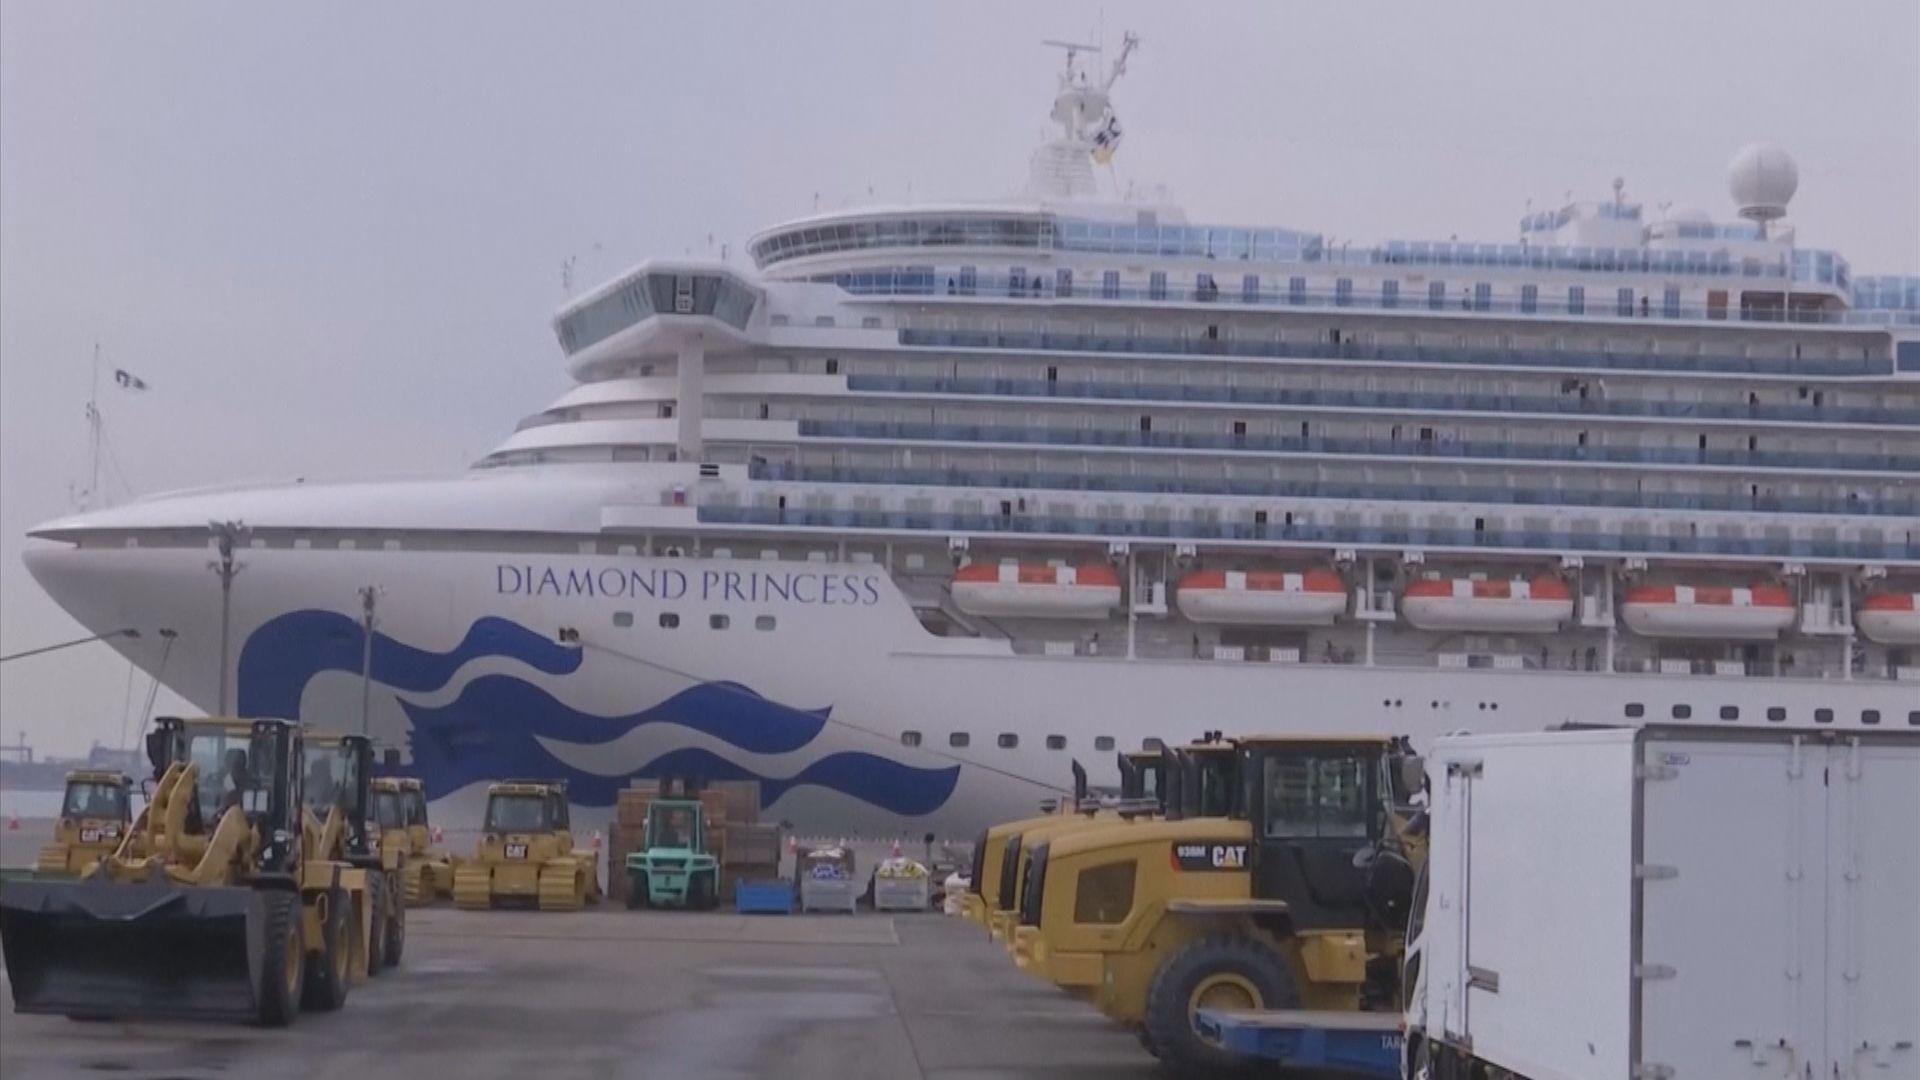 港府正安排包機免費接載鑽石公主號港人